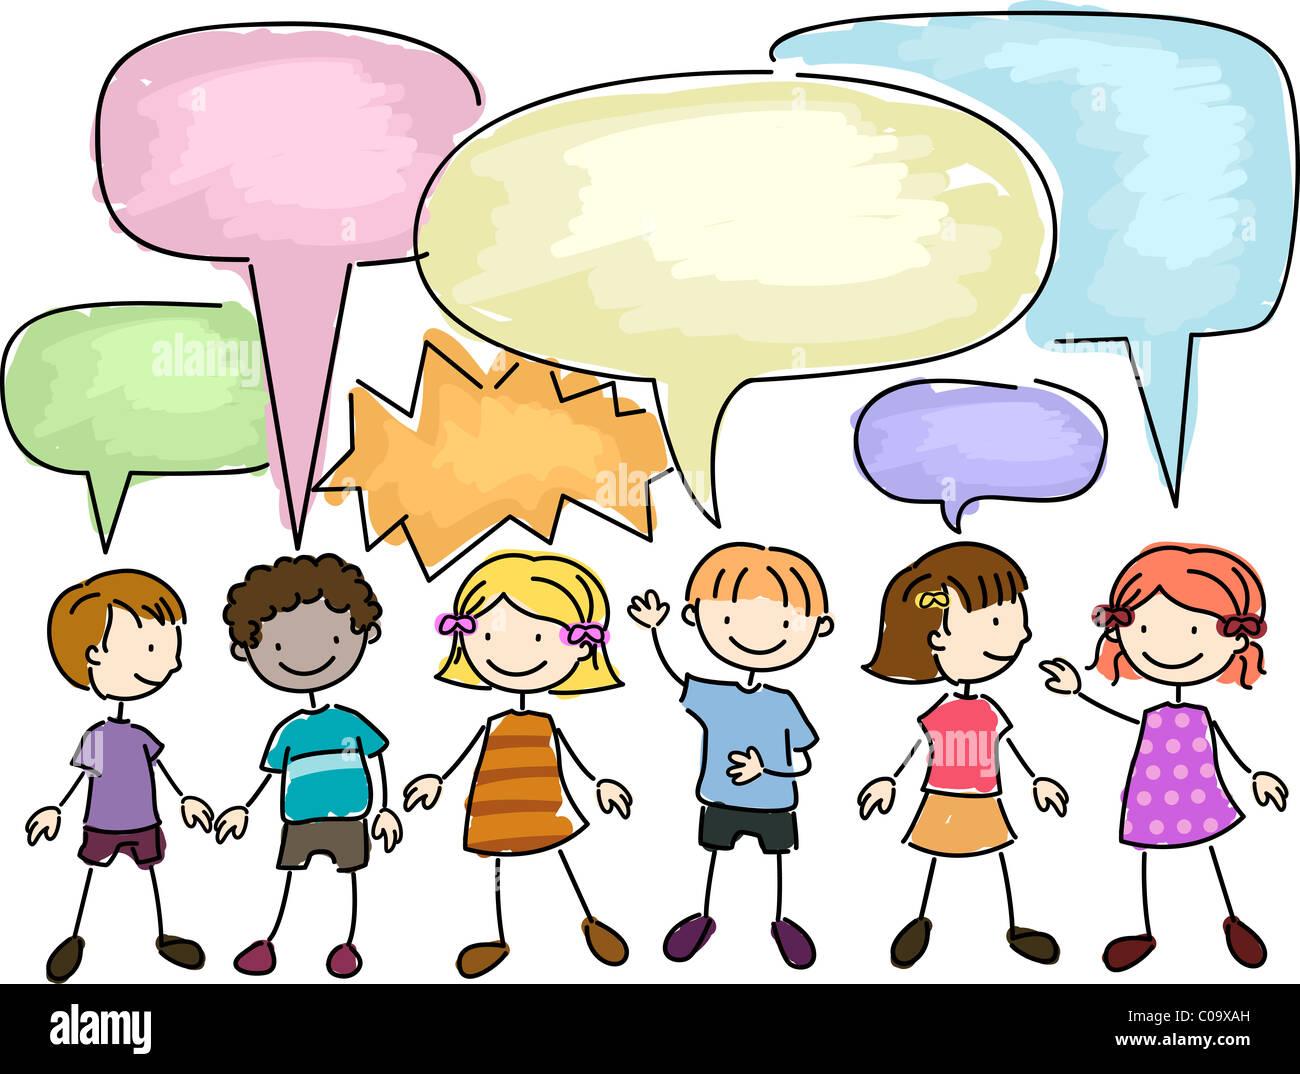 Illustrazione di un gruppo di ragazzi a parlare Immagini Stock